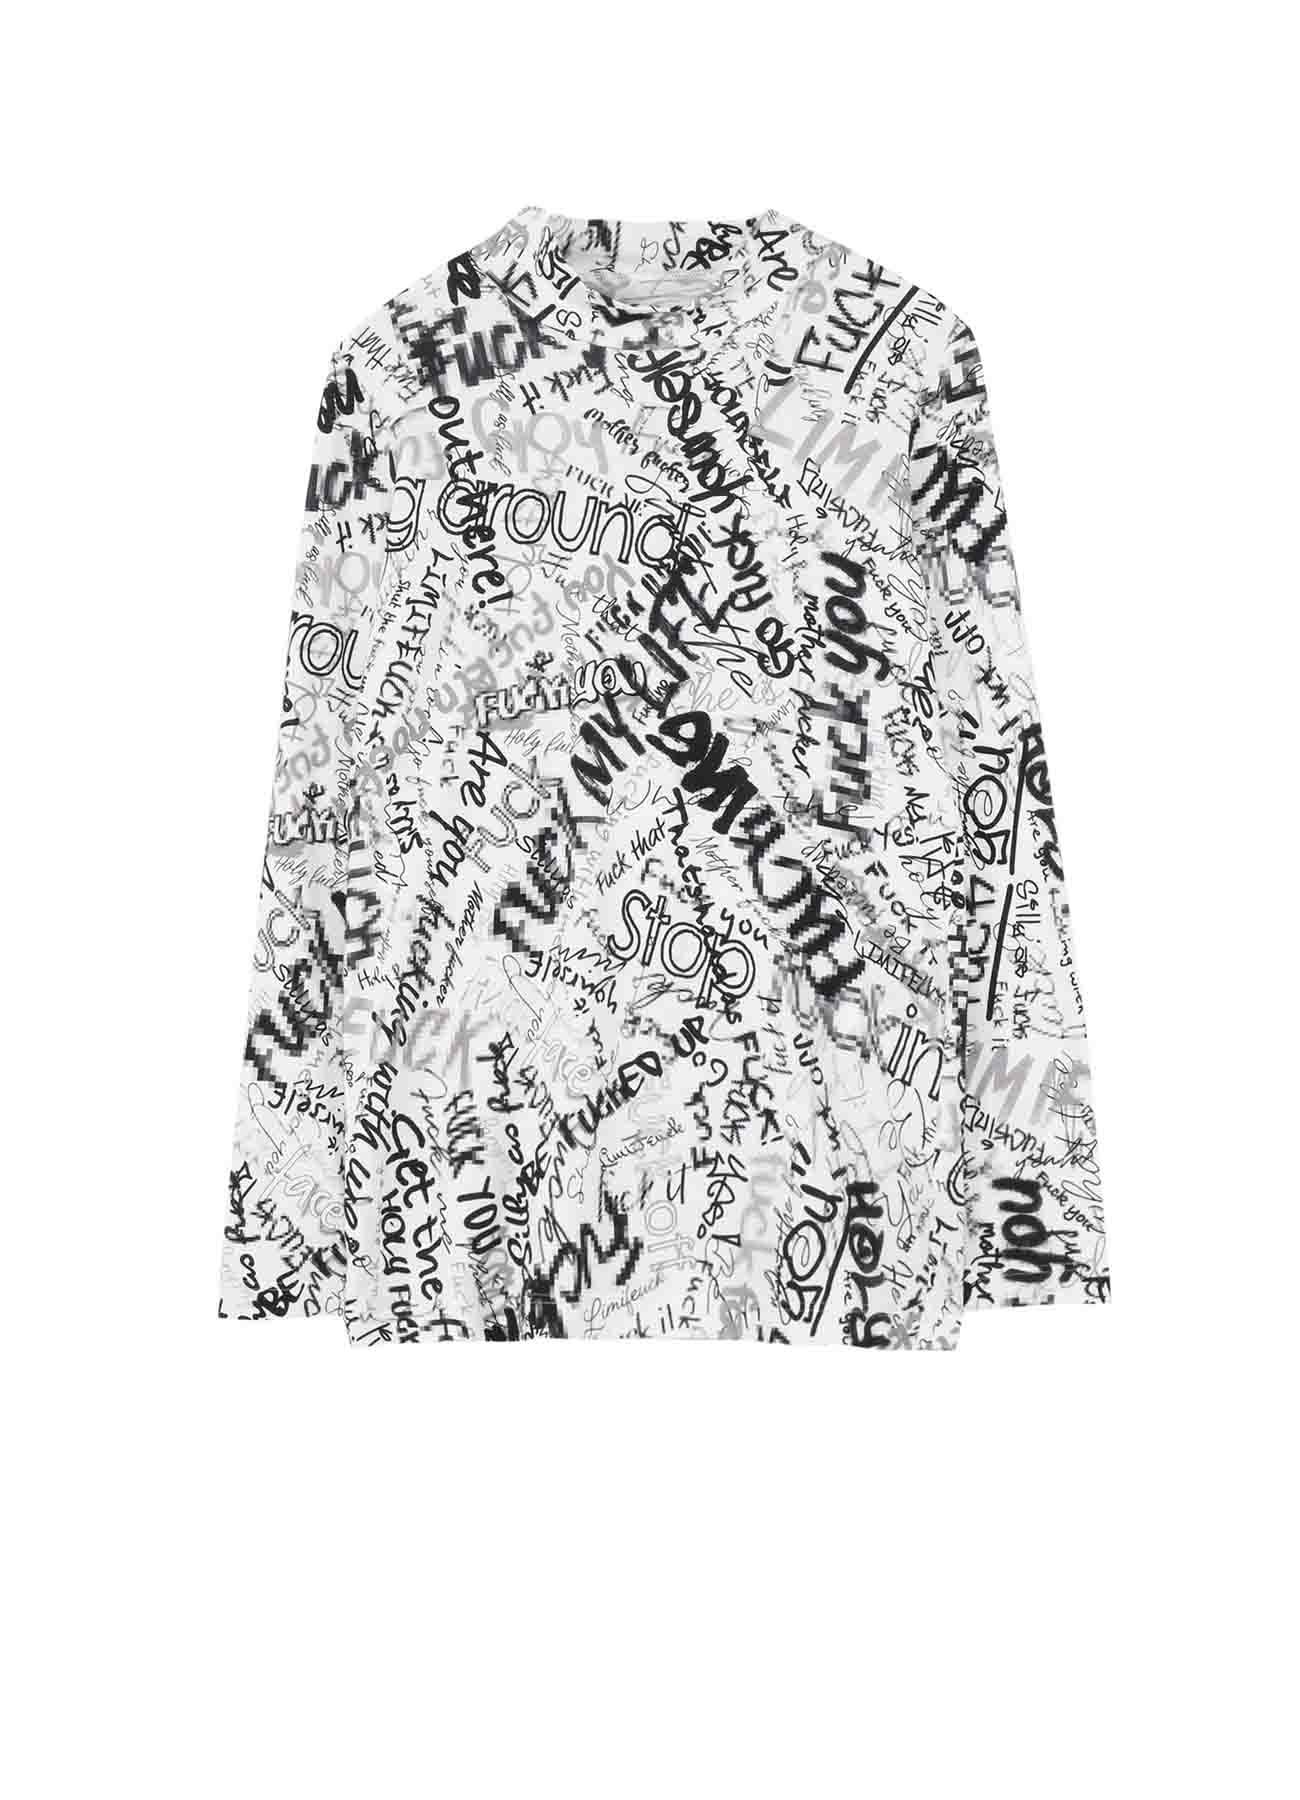 Mosaic FU*K Print 1 Basic Highneck T-Shirt